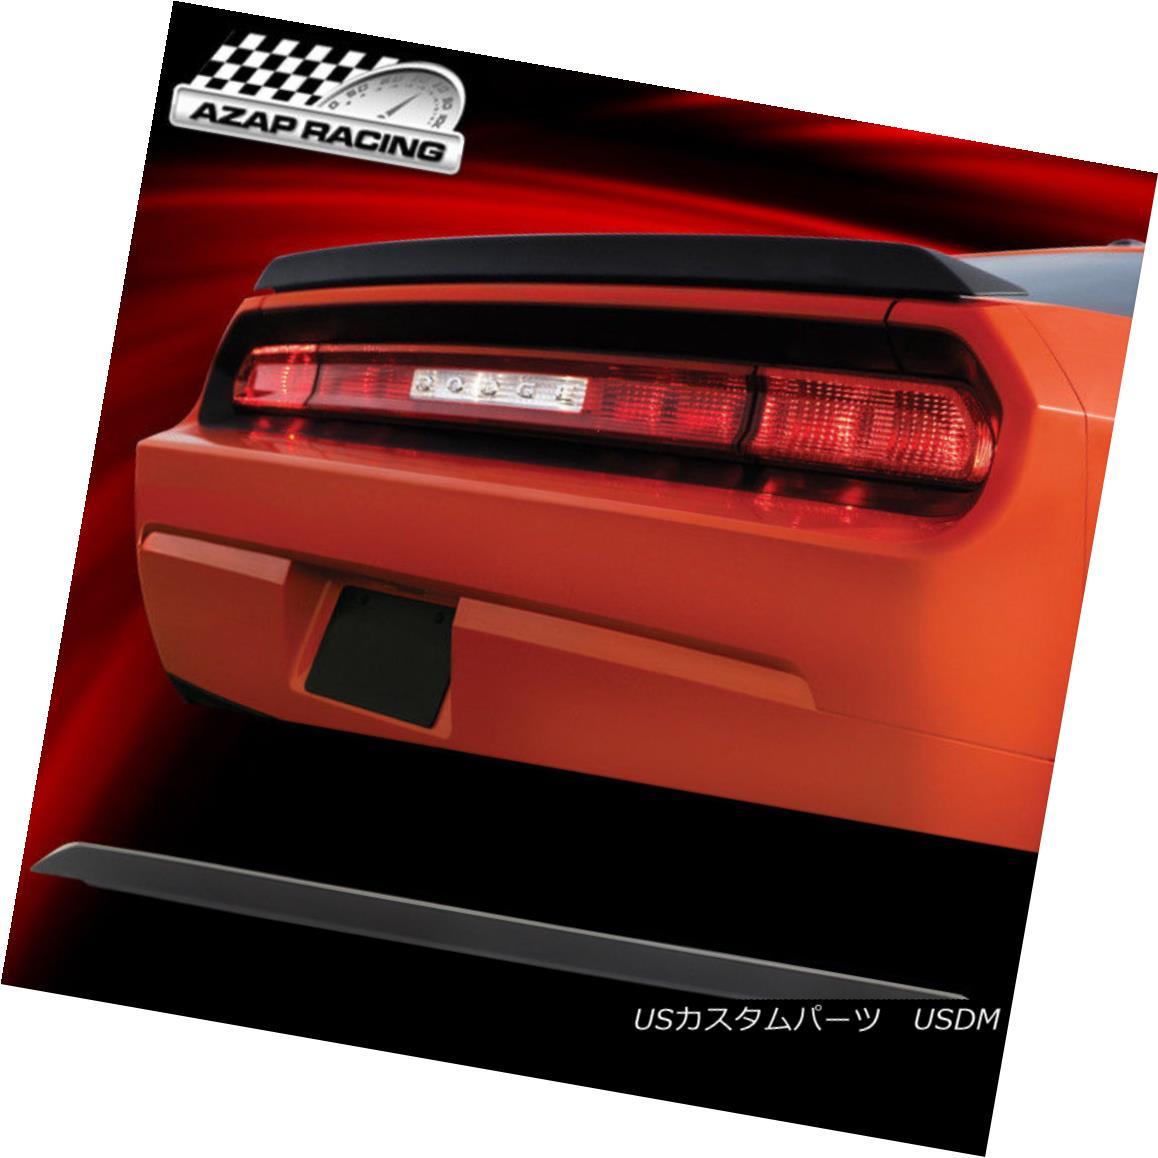 エアロパーツ 08-14 Matte black Rear Trunk Spoiler ABS Bodykit Fits Dodge Challenger Coupe 2Dr 08-14マットブラック・リア・トランク・スポイラーABSボディキットがドッジ・チャレンジャー・クーペ2Drに適合